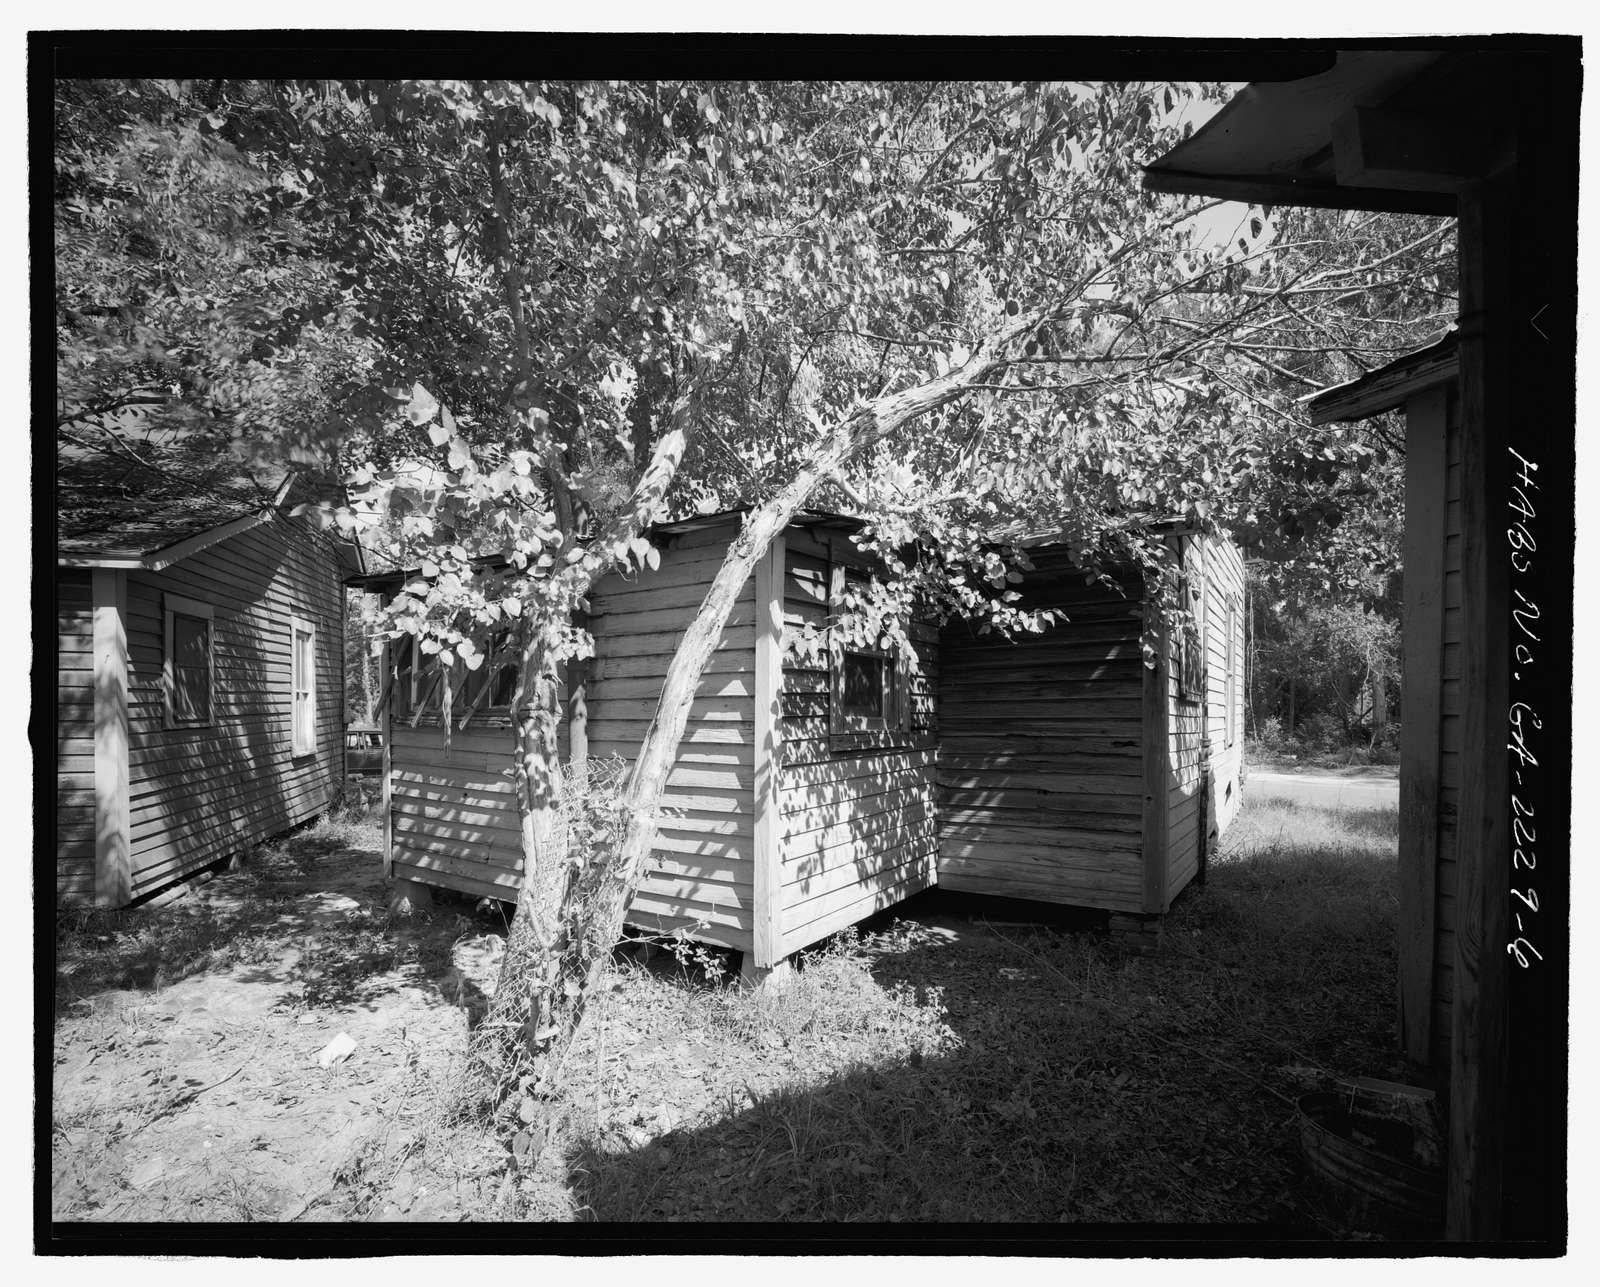 913 G Street (House), Waycross, Ware County, GA